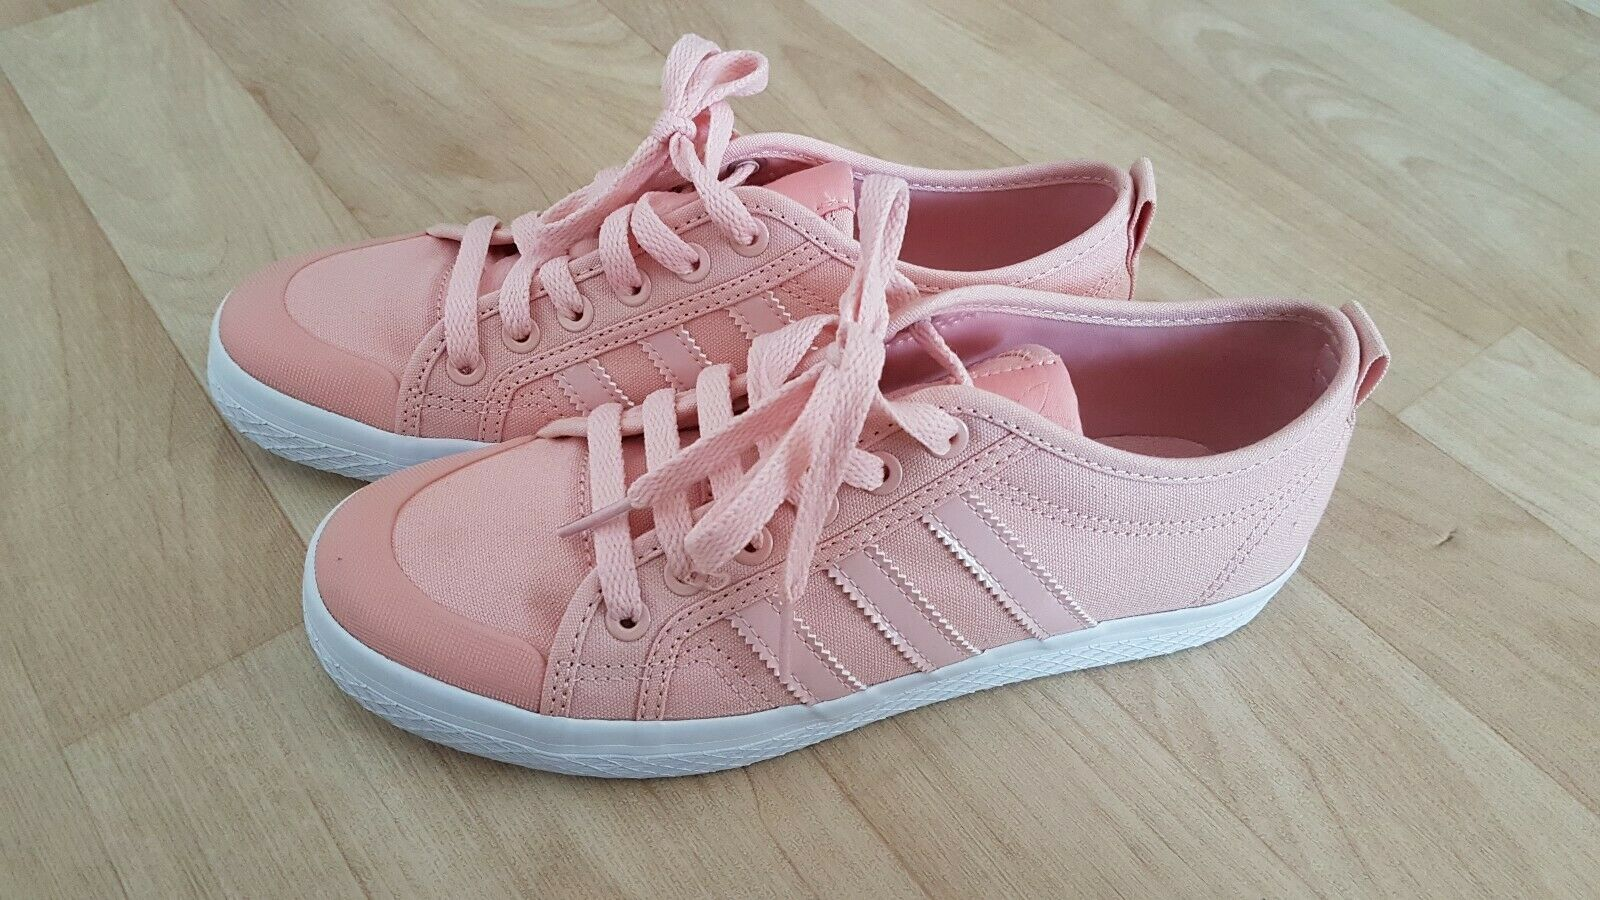 Adidas Frauen Mädchen Schuhe größe 38 2 3 Originals Honey Low Neu